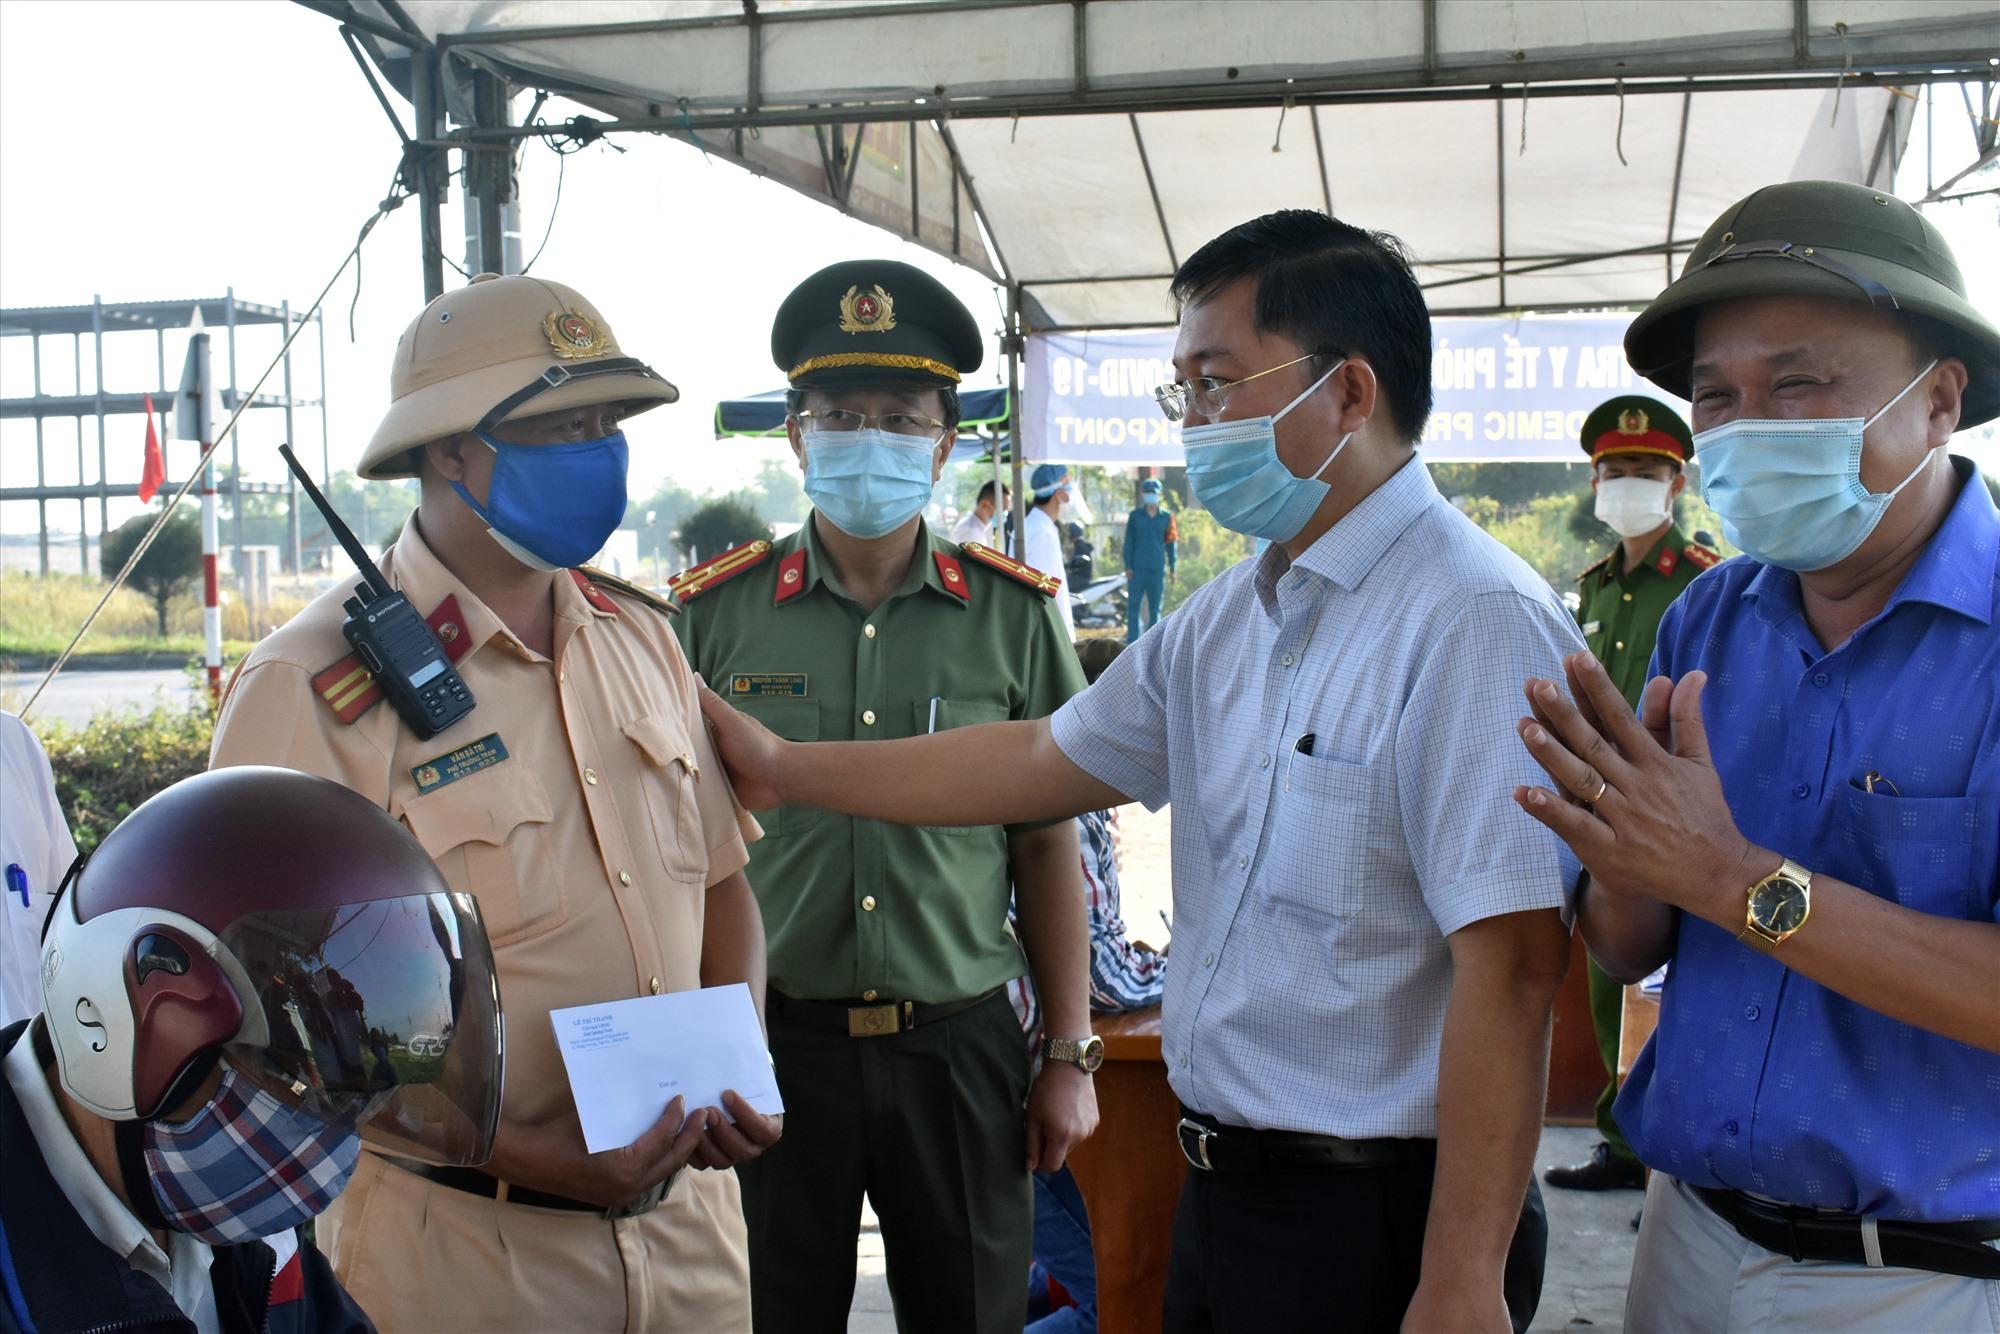 Chủ tịch UBND tỉnh Lê Trí Thanh thăm hỏi, động viên các lực lương chốt chặn kiểm soát dịch Covid -19 tại thị xã Điện Bàn